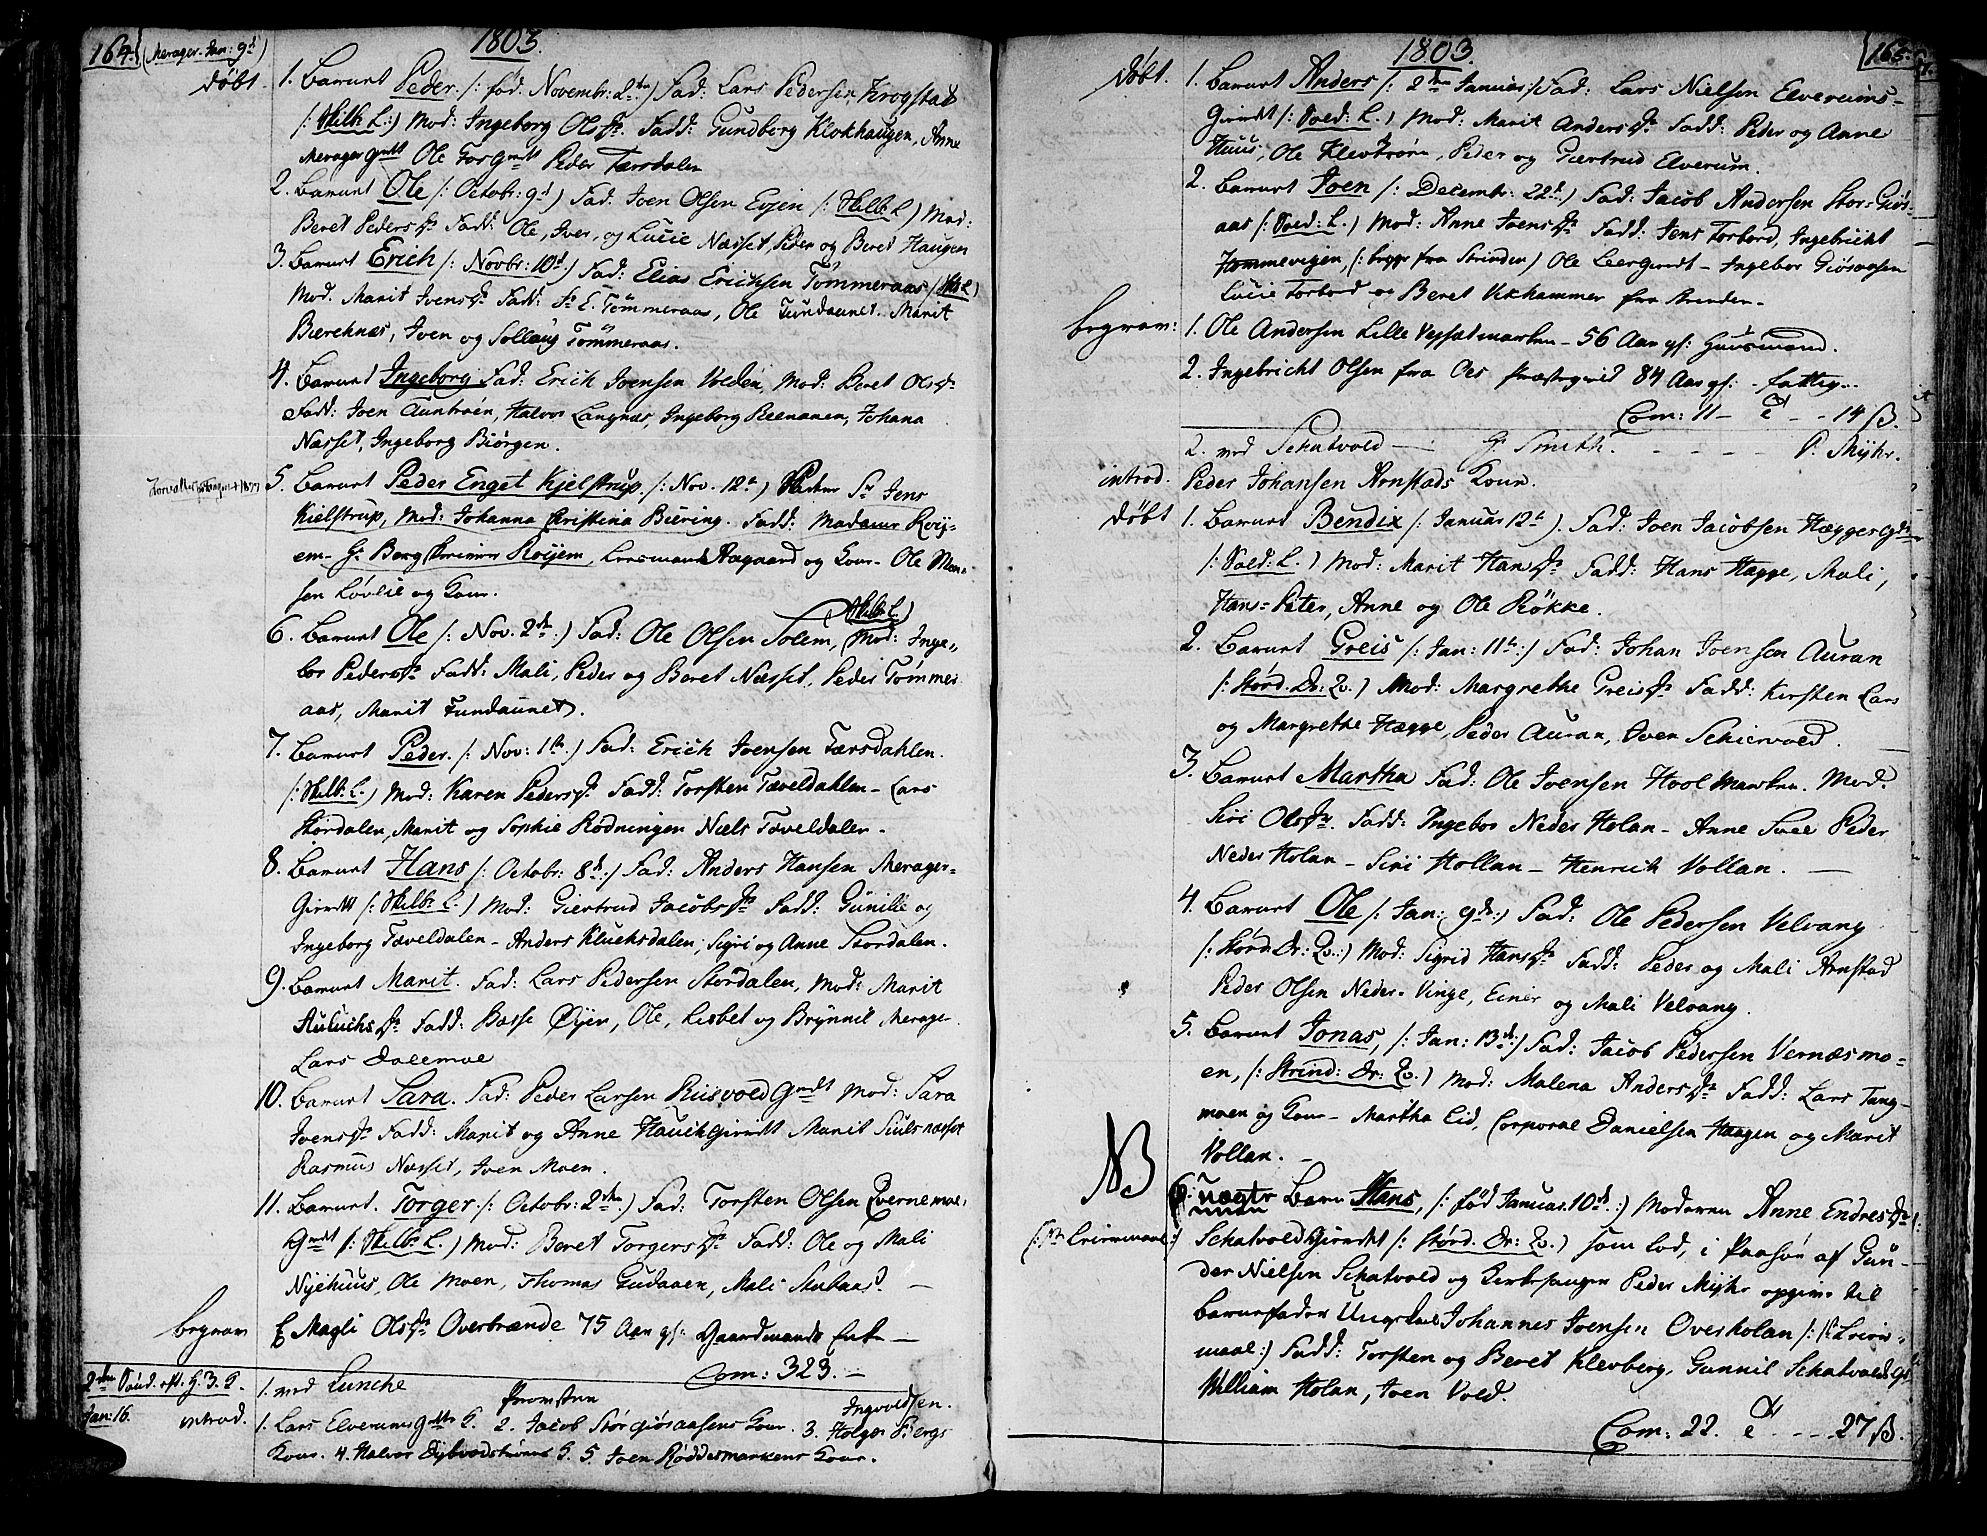 SAT, Ministerialprotokoller, klokkerbøker og fødselsregistre - Nord-Trøndelag, 709/L0060: Ministerialbok nr. 709A07, 1797-1815, s. 164-165